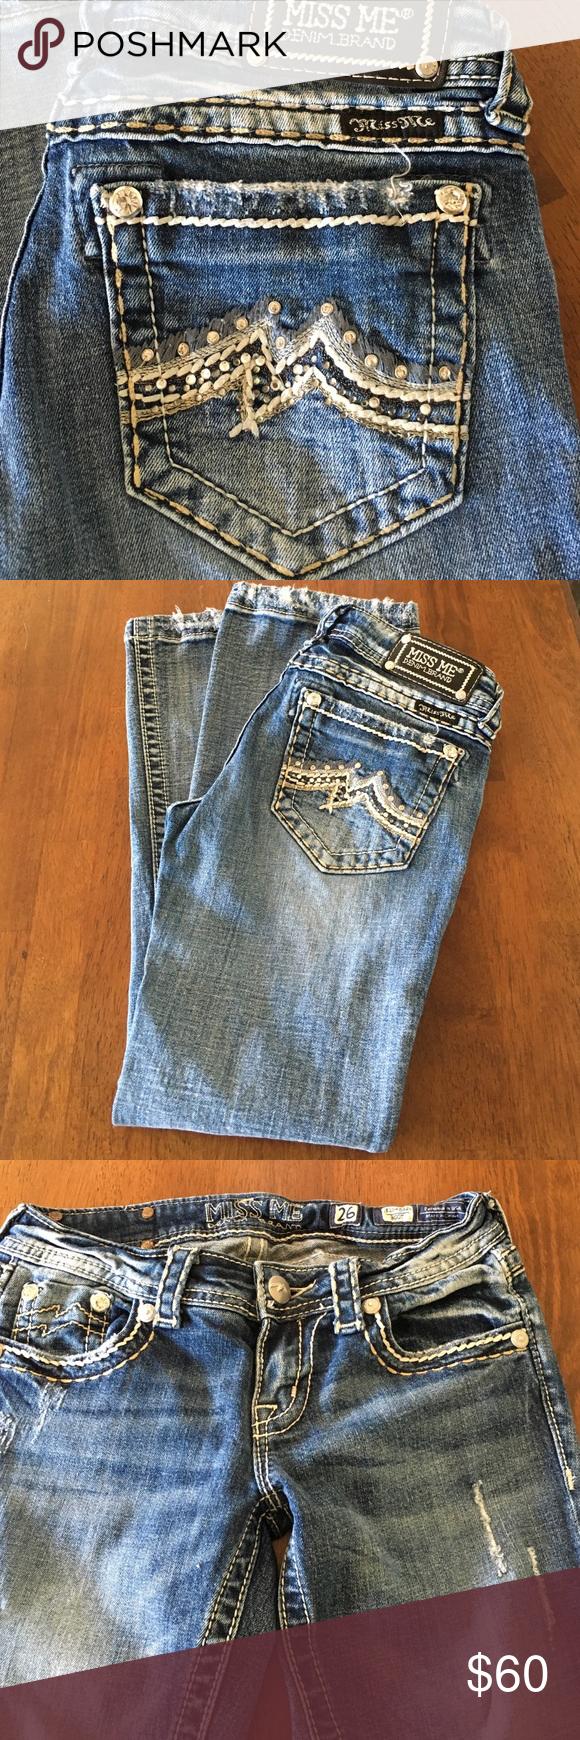 Distressed Miss Me Jeans Distressed Miss Me Jeans 26 w x 29 l. Make an offer 😊 Miss Me Jeans Boot Cut